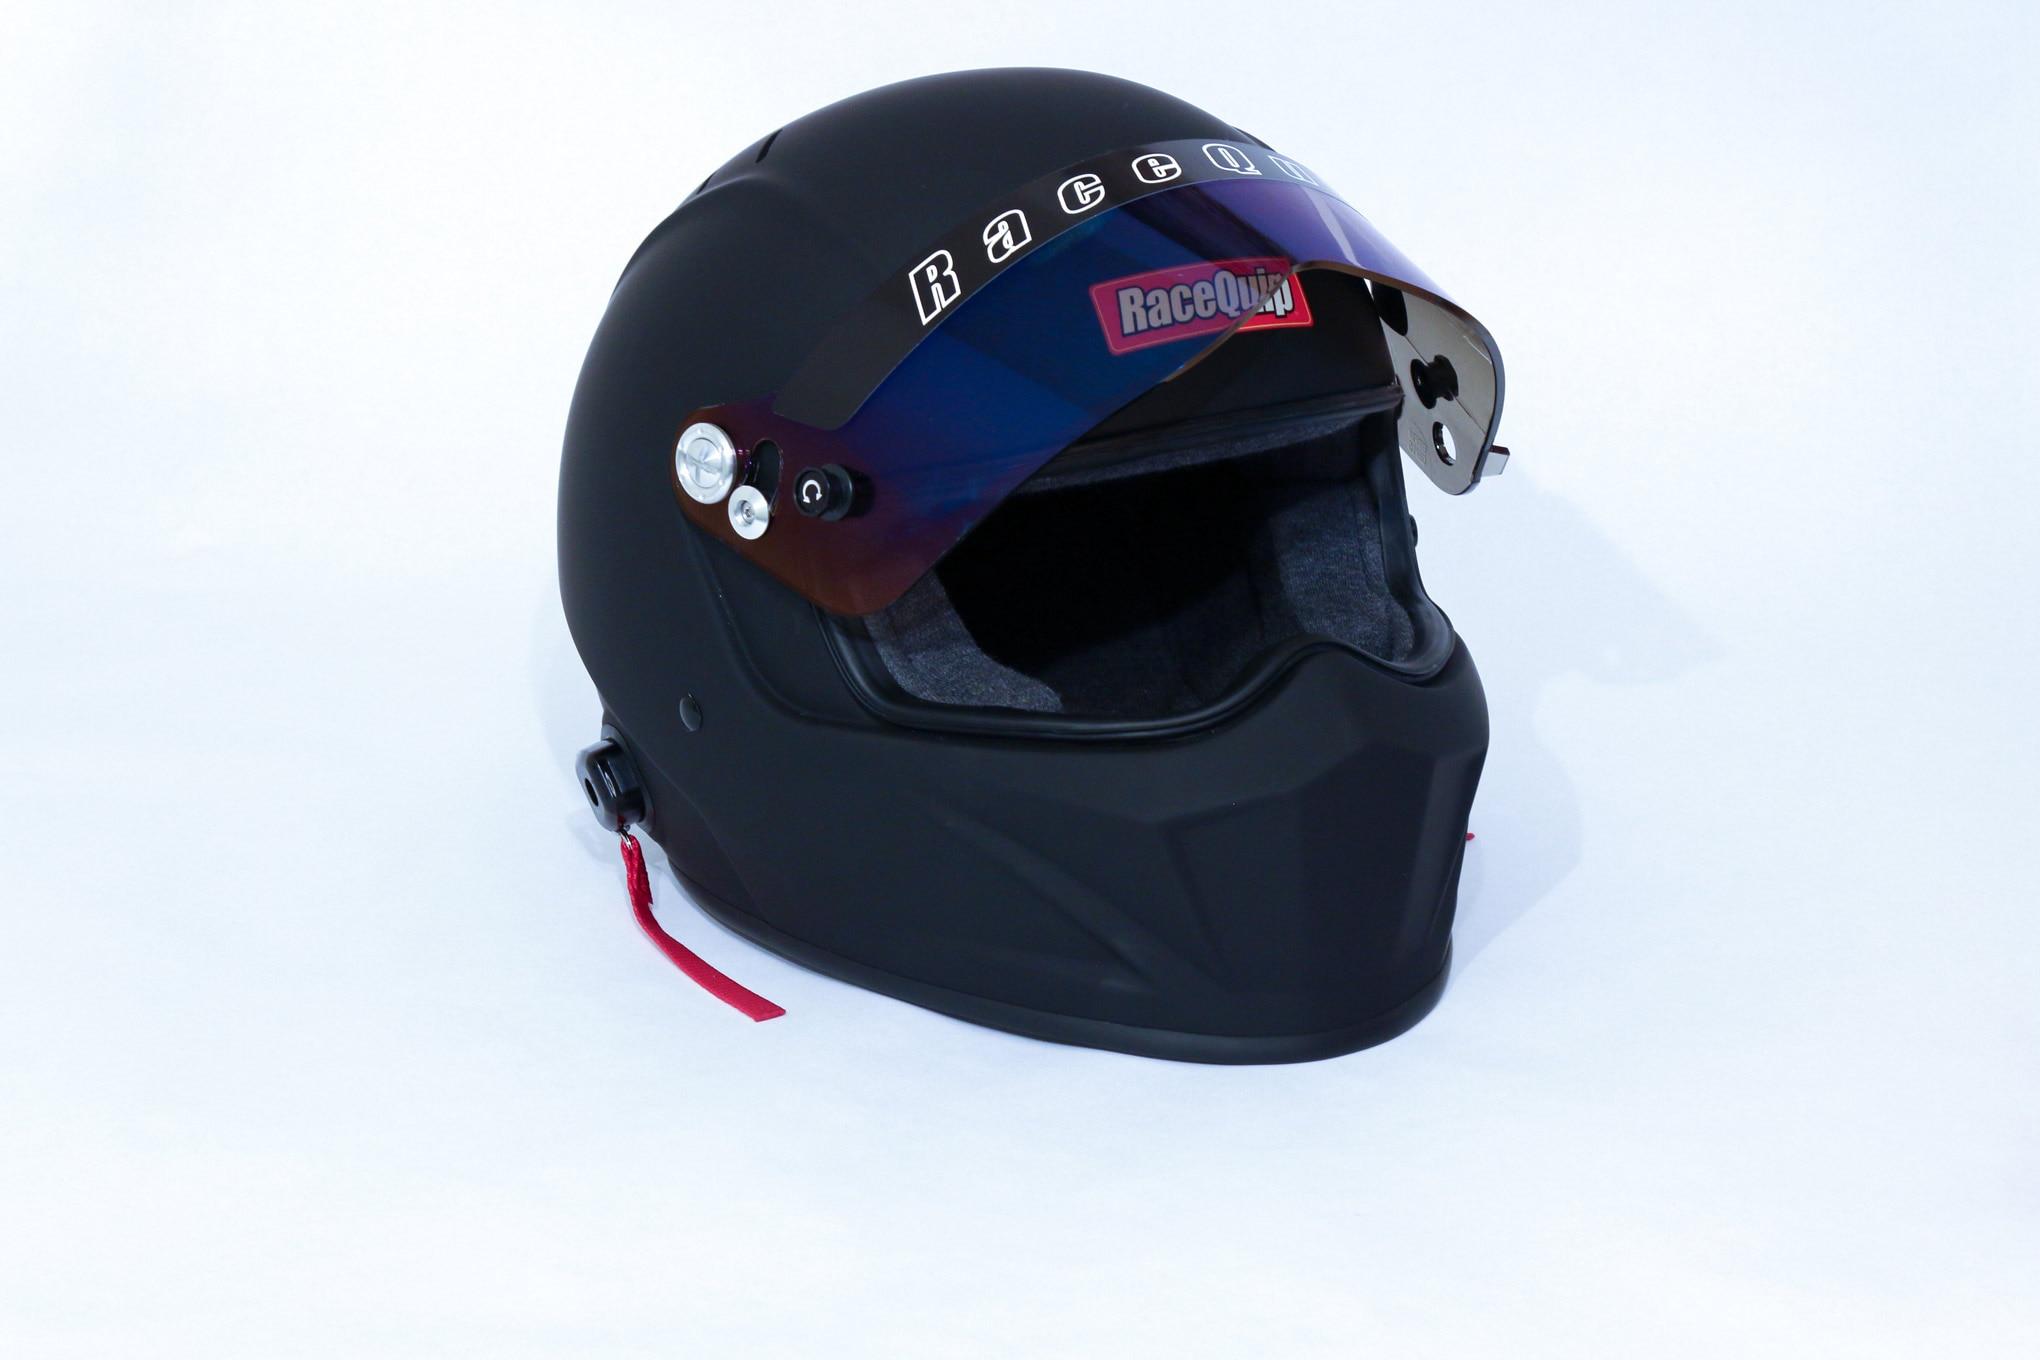 002 Racequip Helmet Vesta15 Black